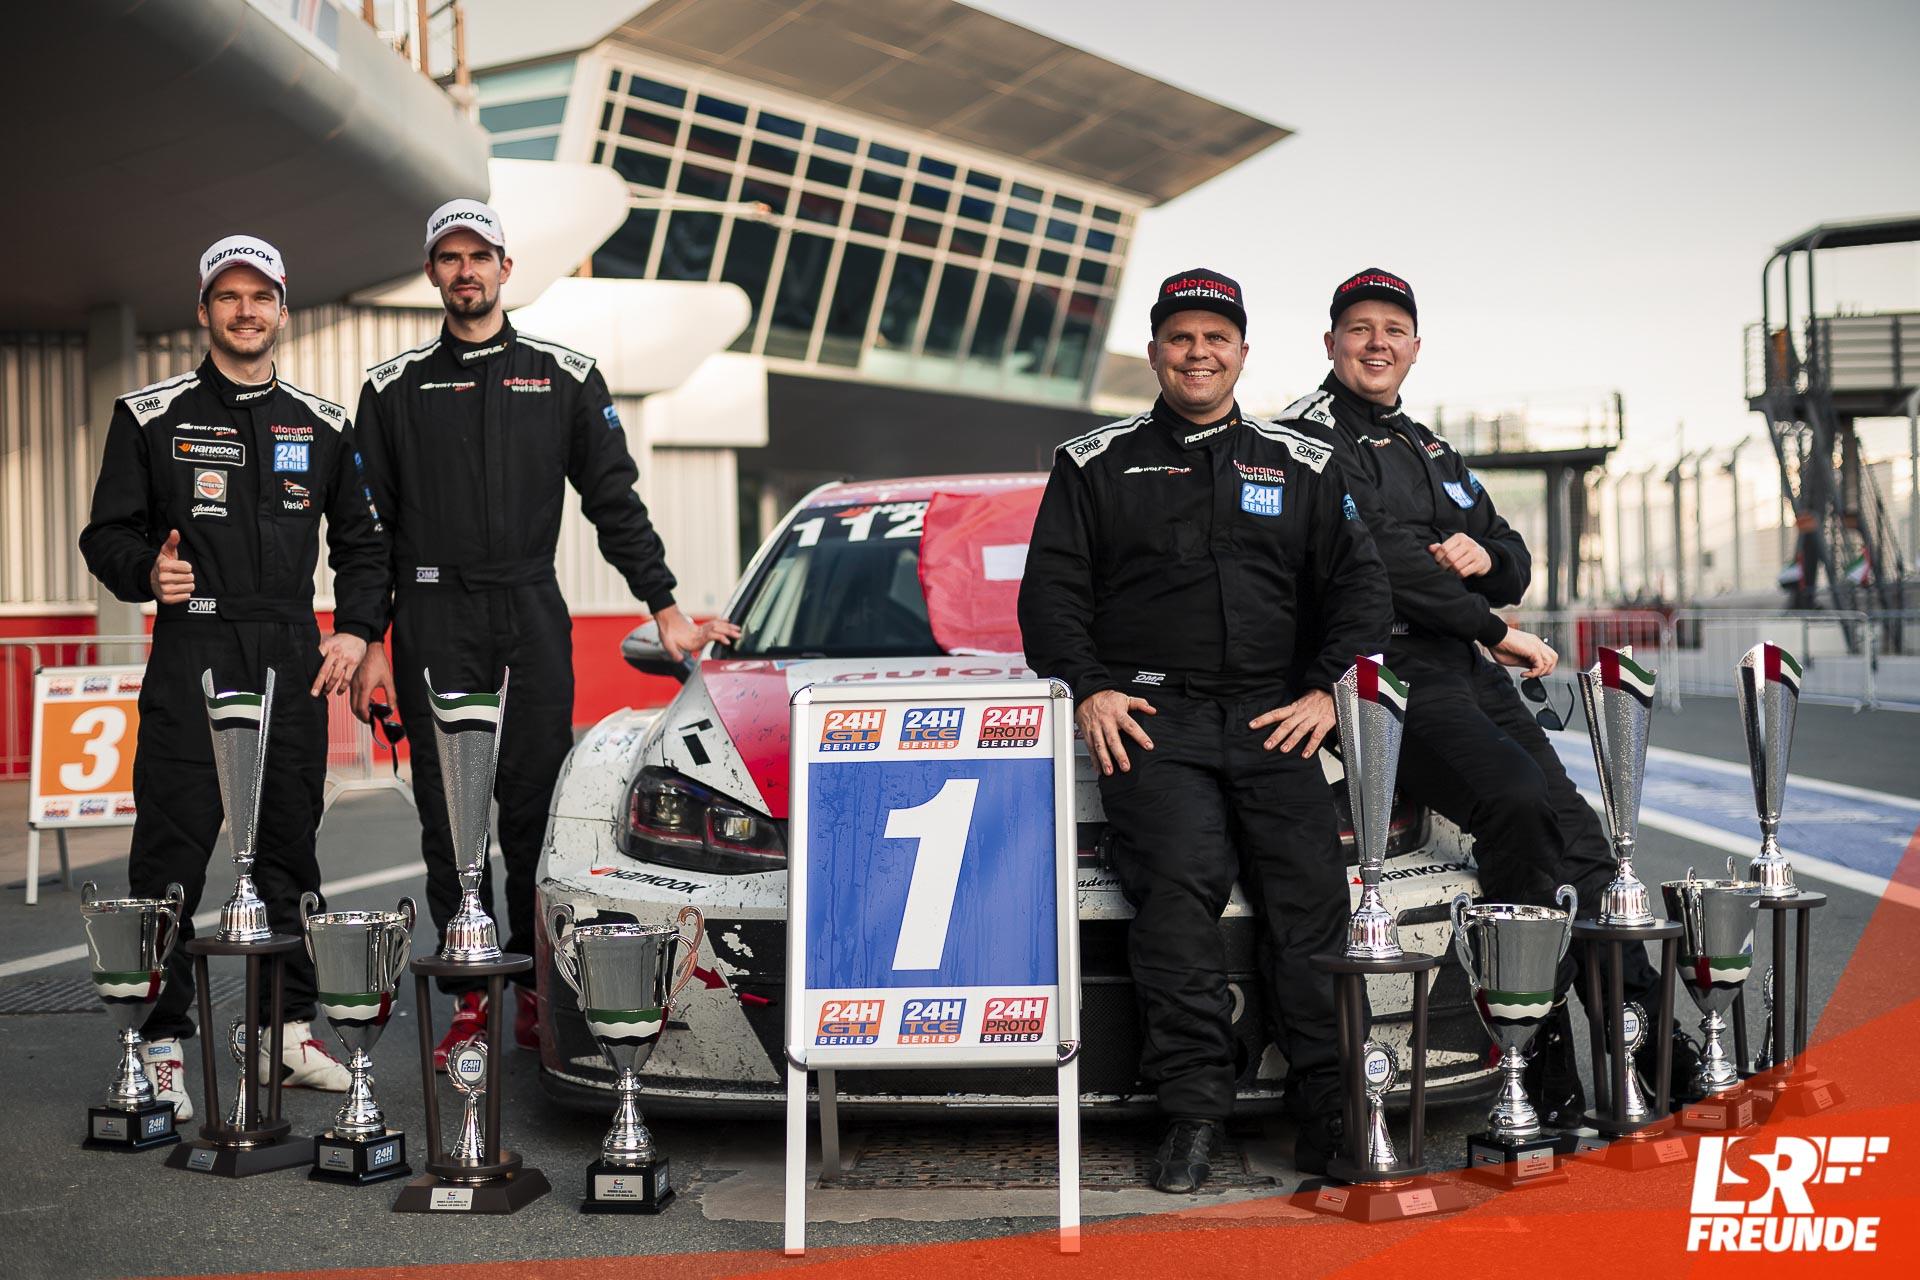 Autorama AG Wetzikon, Golf GTI TCR, Stefan Tanner, Yannick Mettler,